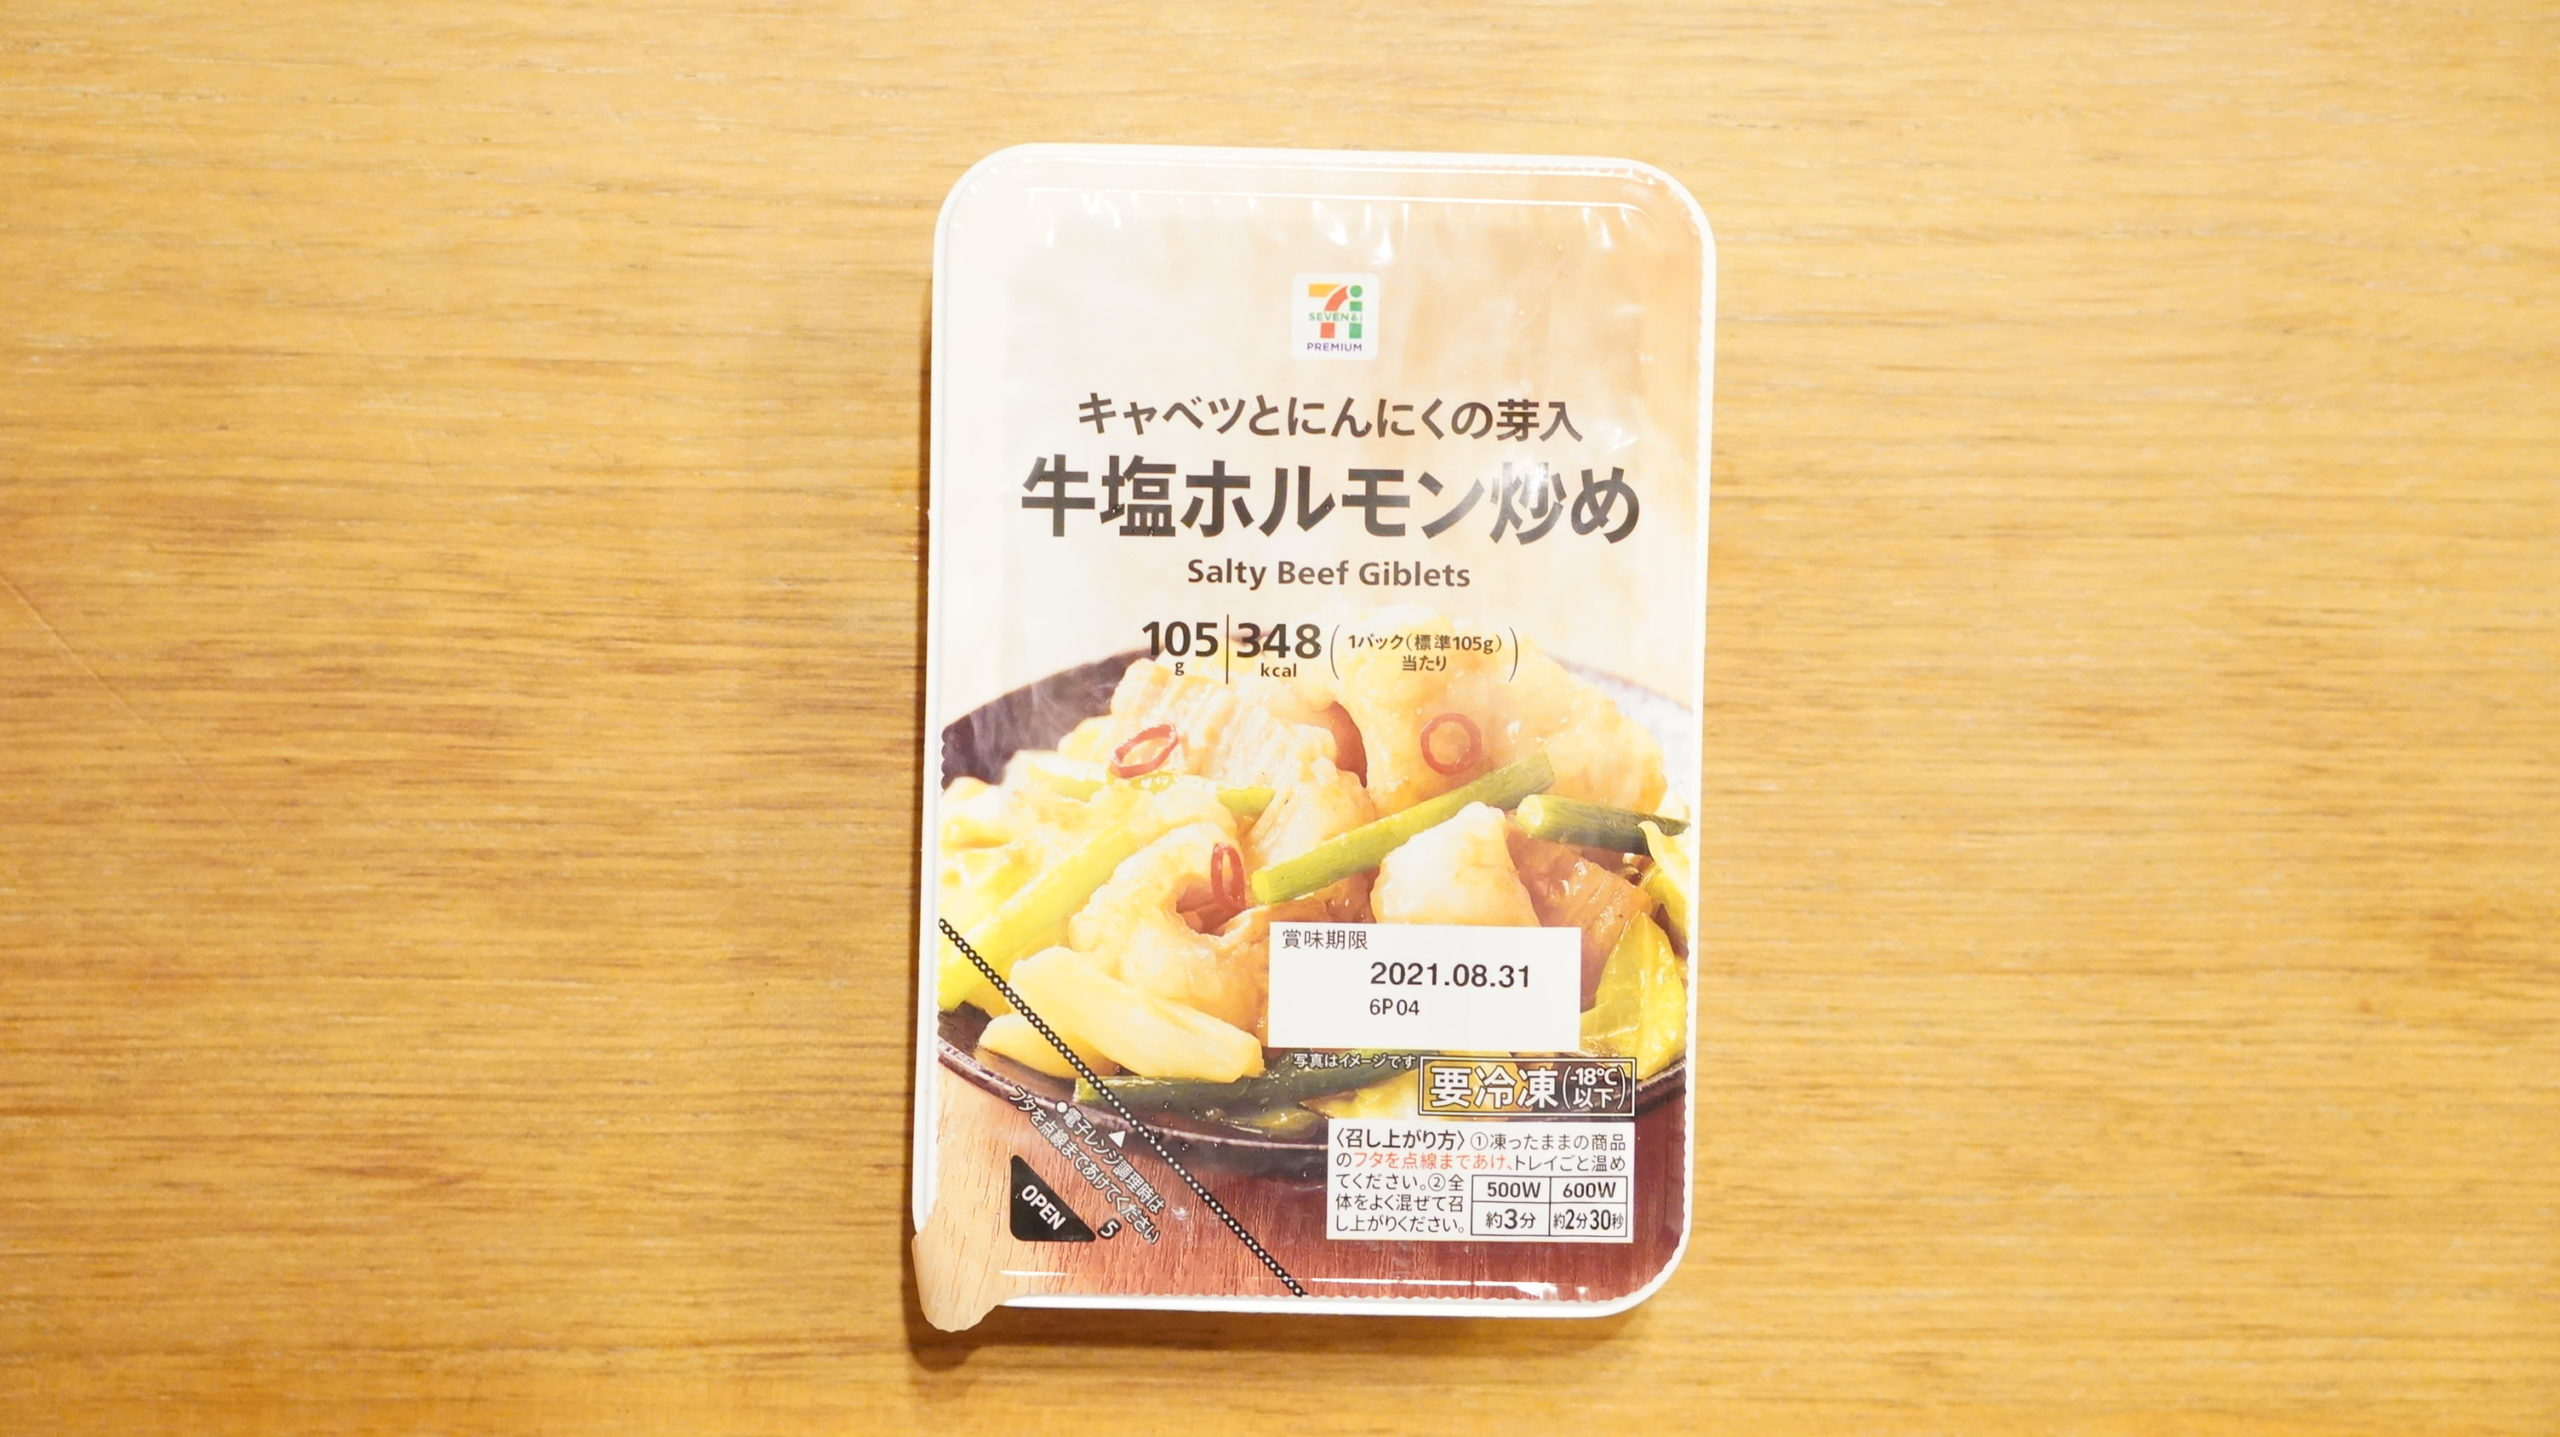 セブンイレブンの冷凍食品「キャベツとにんにくの芽入・牛塩ホルモン炒め」のパッケージ写真